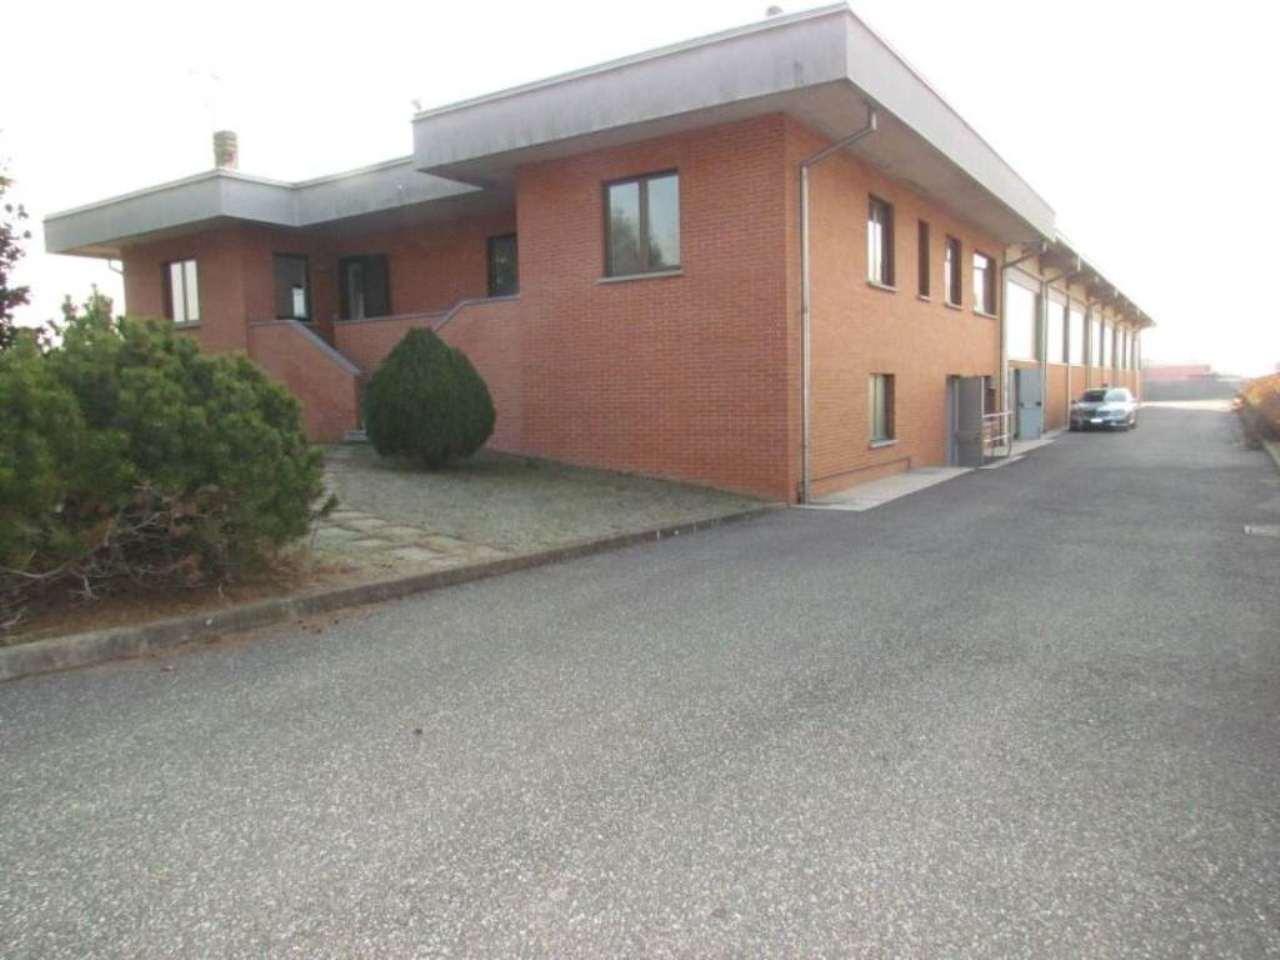 Capannone in vendita a Venegono Superiore, 6 locali, prezzo € 1.400.000 | Cambio Casa.it